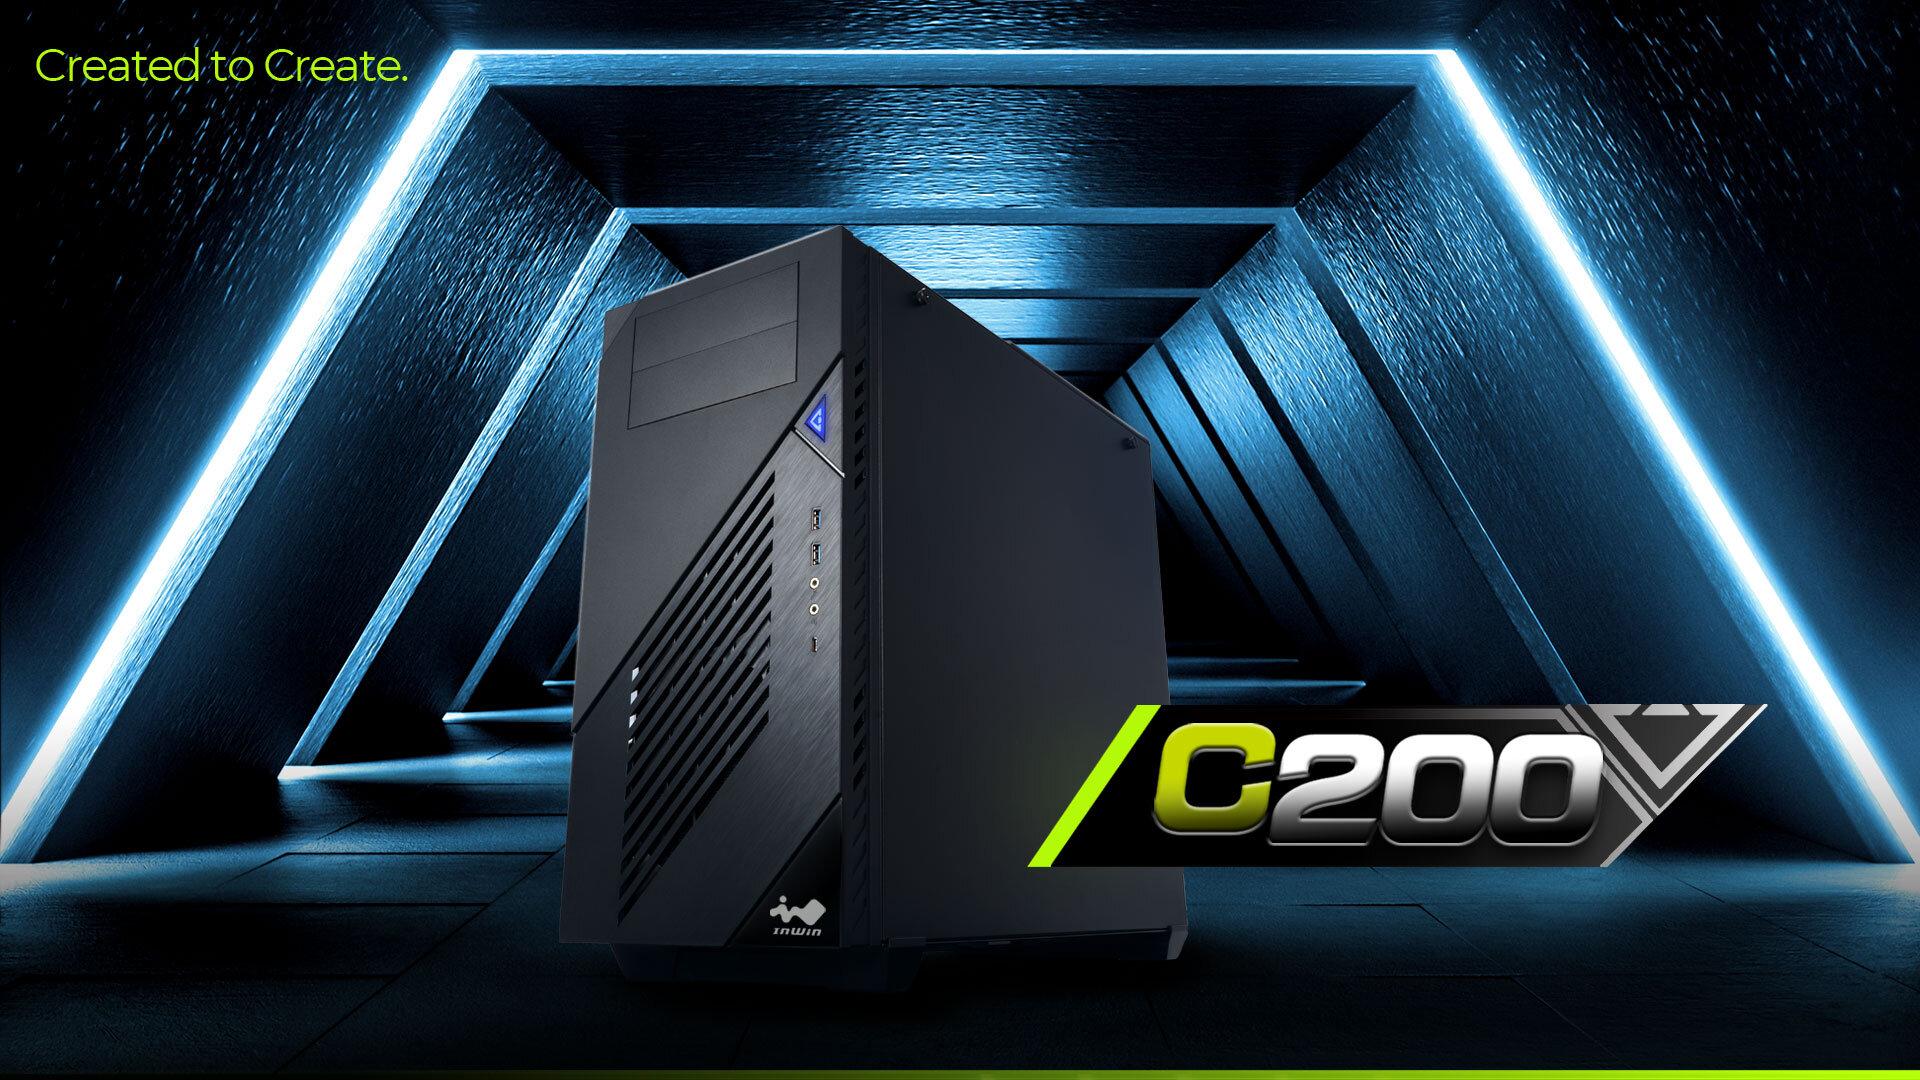 In Win C200 Creator